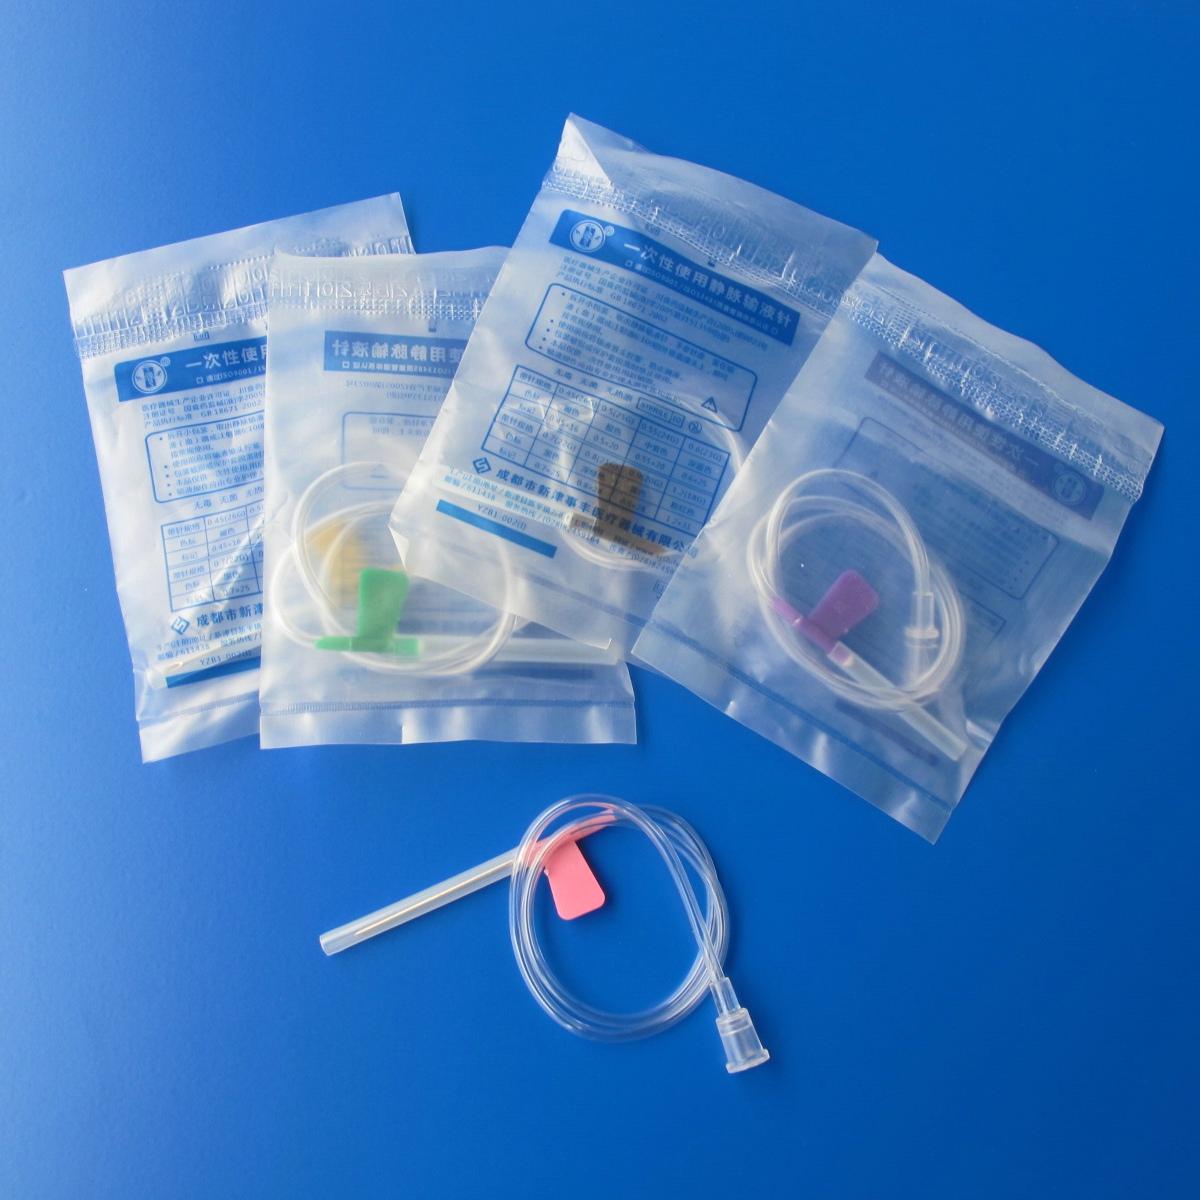 新津事丰一次性静脉输液针 头皮针 4.5#(一包装)